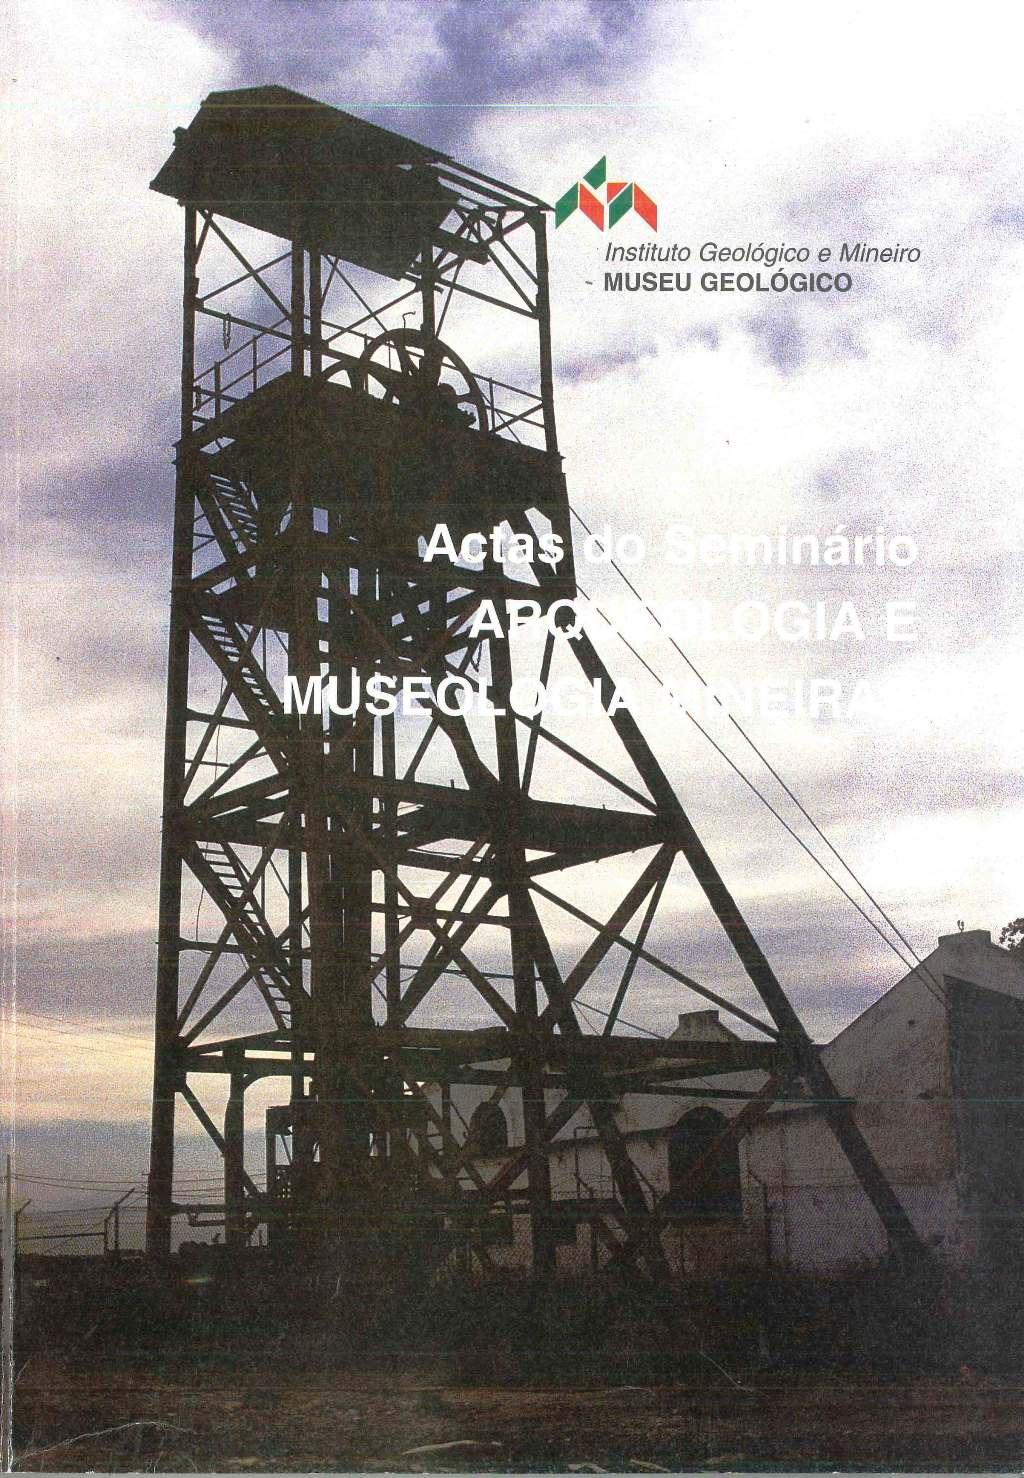 actas-do-seminario-de-arqueologia-e-museologia-mineiras-2000